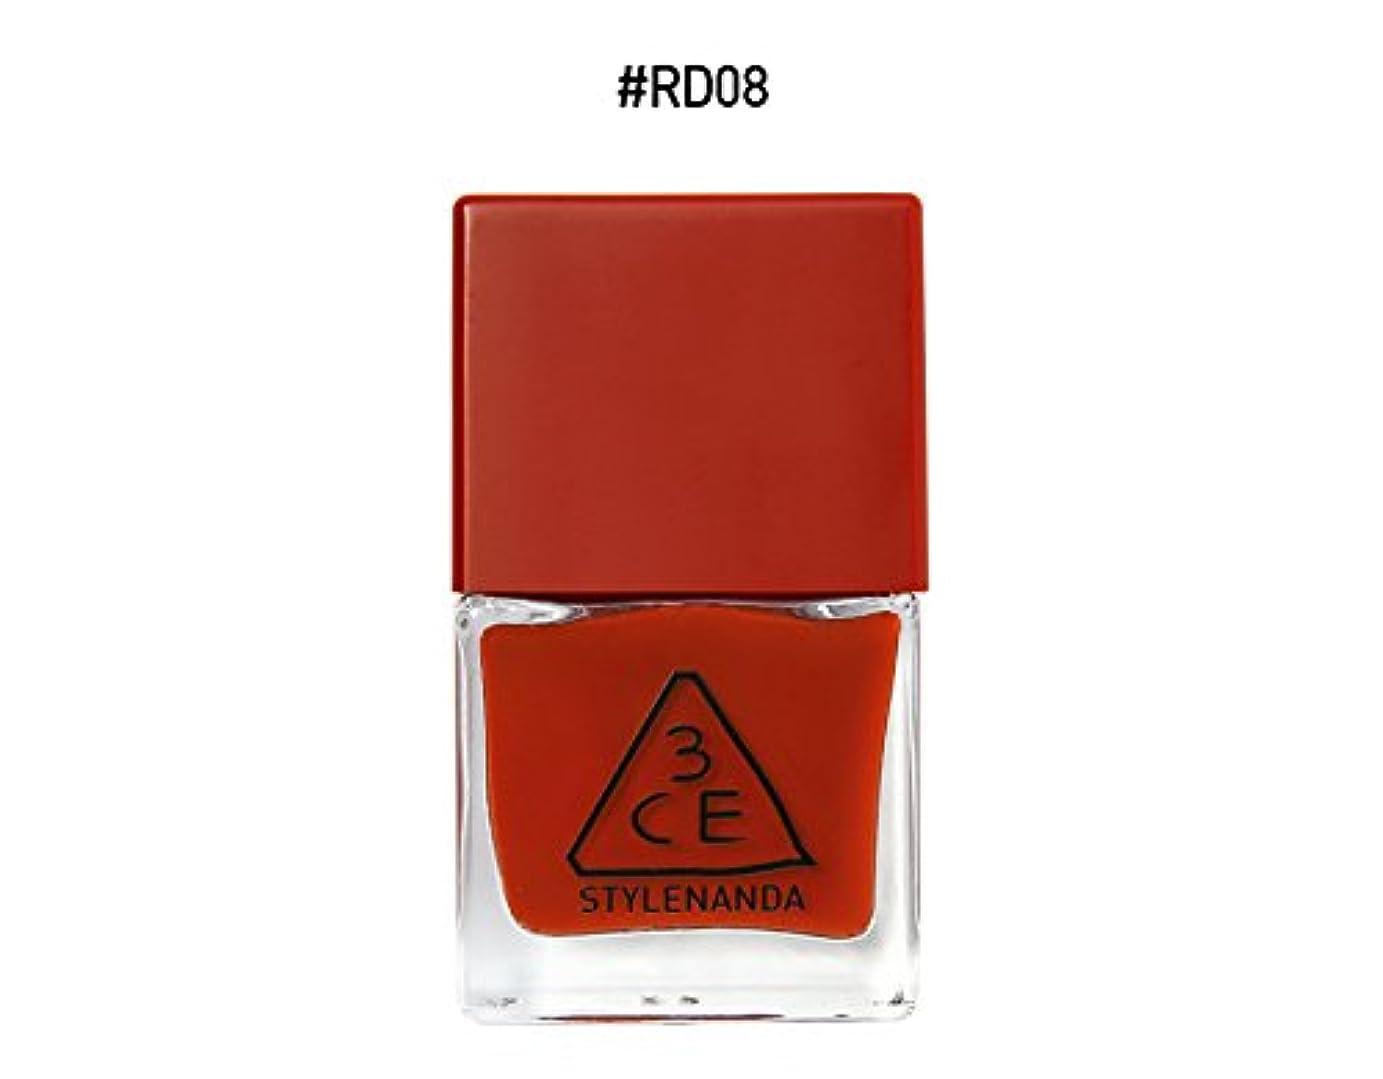 夢医薬ベーリング海峡3CE RED RECIPE LONG LASTING NAIL LACQUER/レッドレシピ ロングラスティング ネイルラッカー (RD08) [並行輸入品]